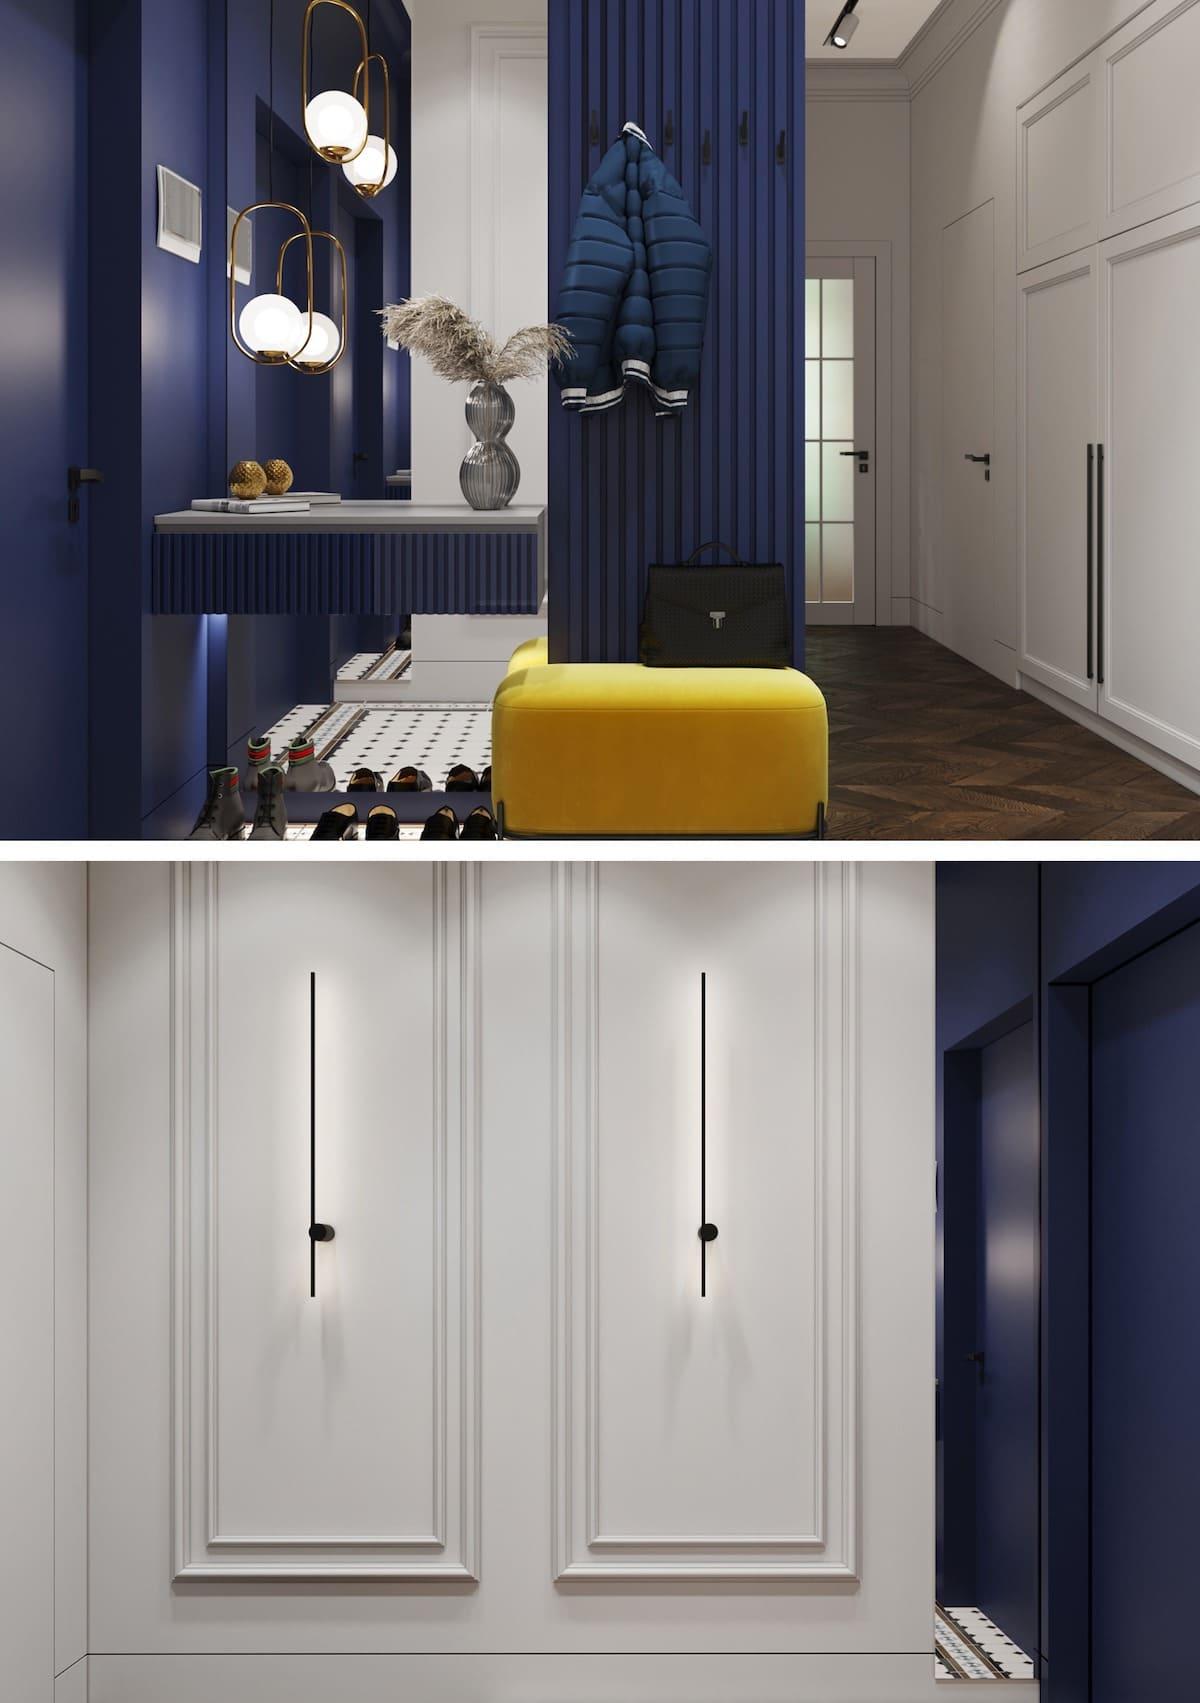 design d'intérieur couloir photo 5